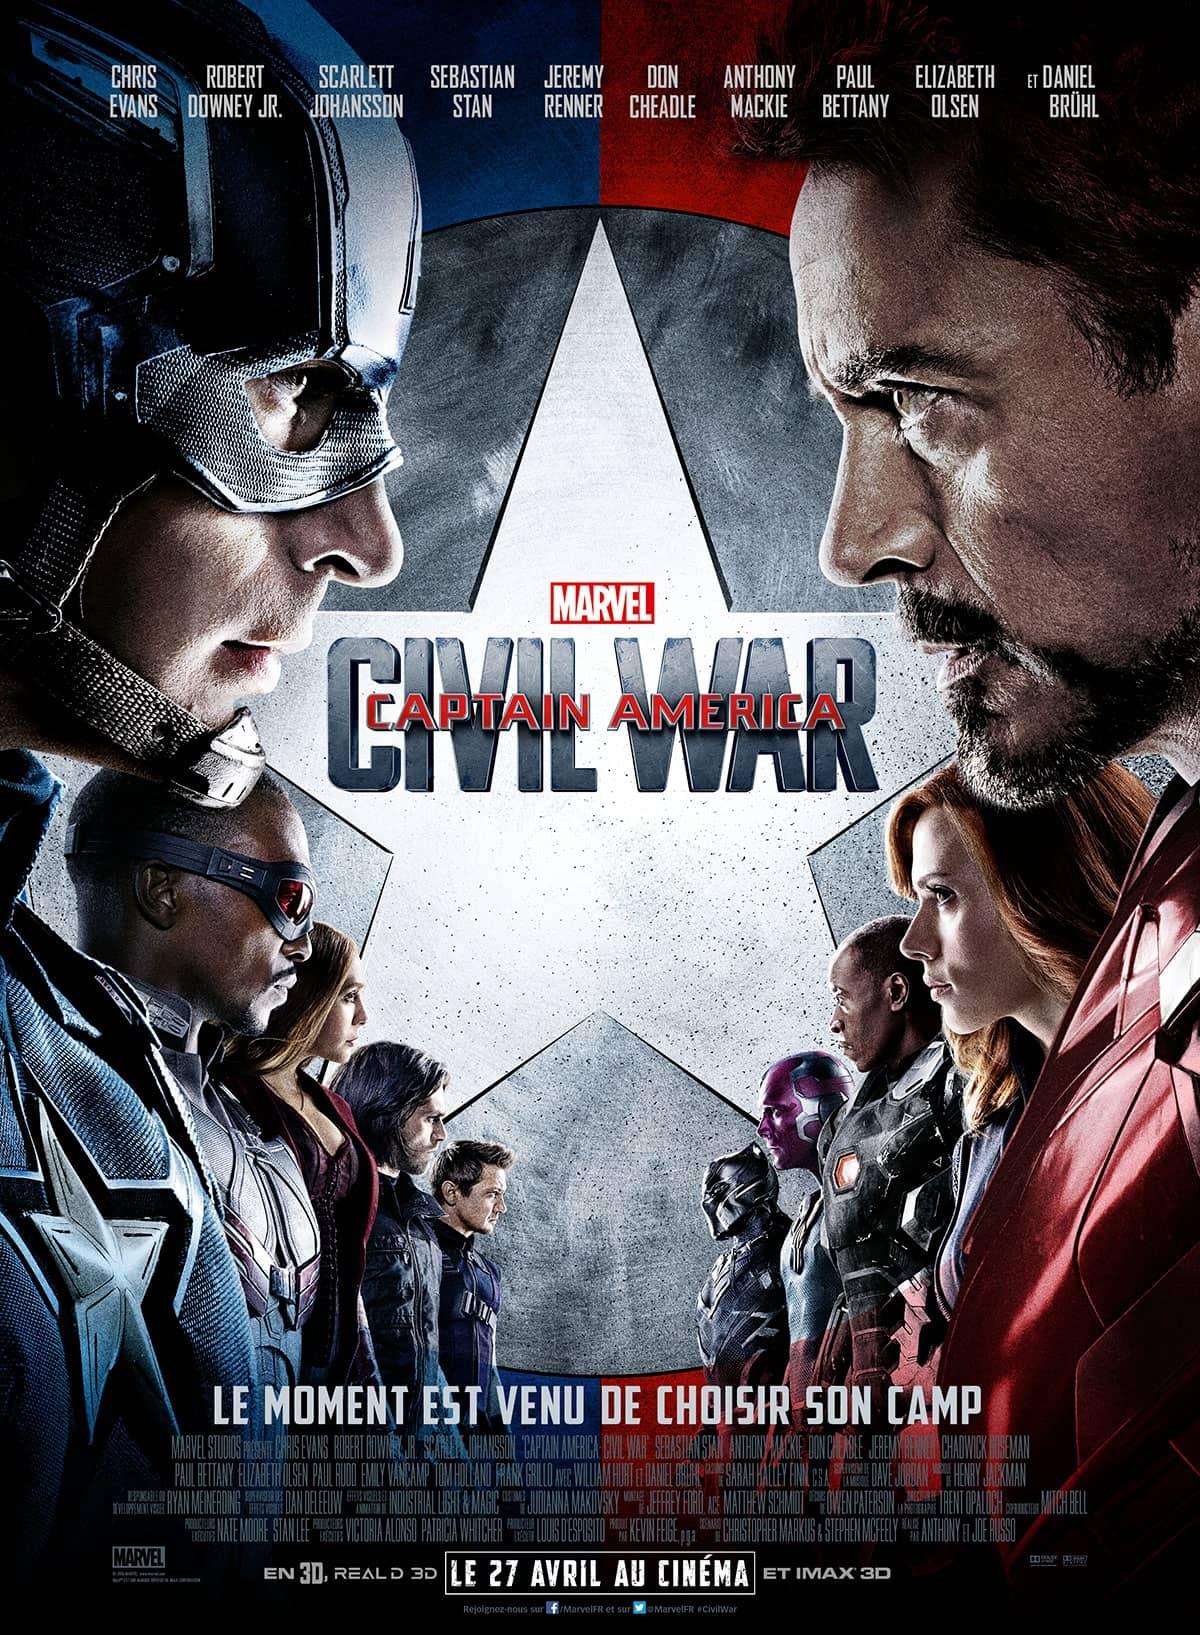 L'affiche de Captain America: Civil War